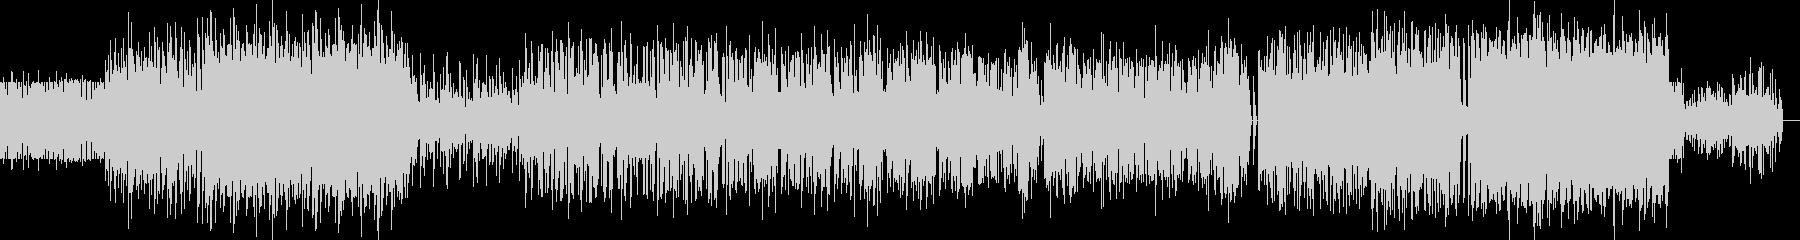 重厚なインダストリアルミュージックの未再生の波形